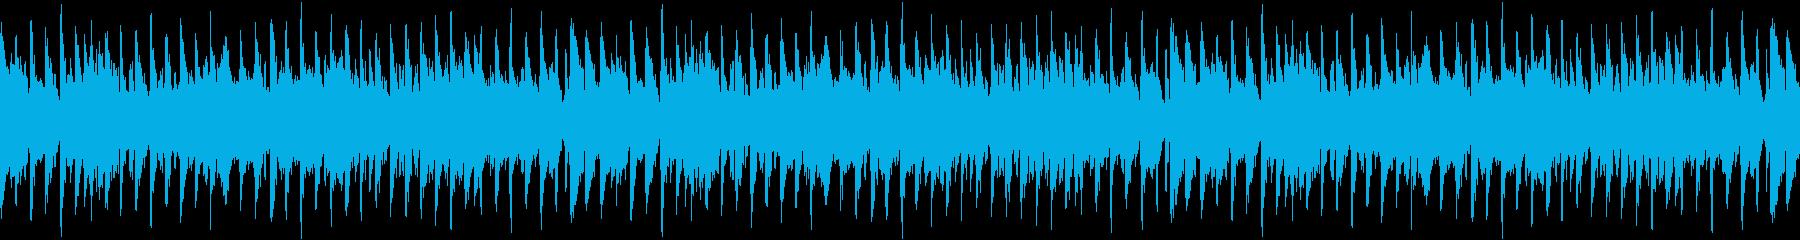 ラインダンスループ1の再生済みの波形